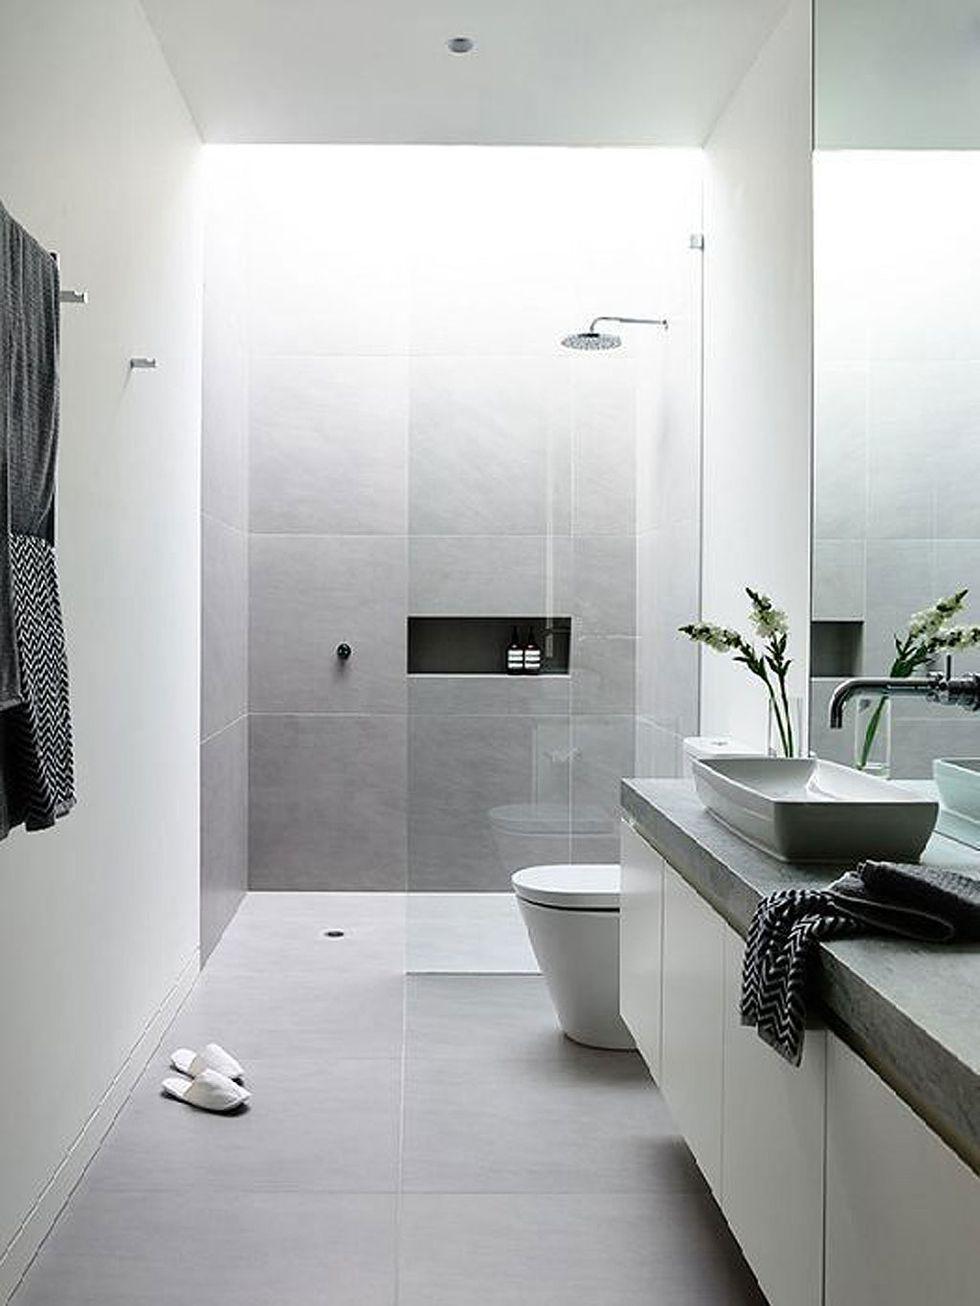 Los 25 ba os m s bonitos que hemos encontrado en pinterest ideas para la casa bathroom - Los banos mas bonitos ...